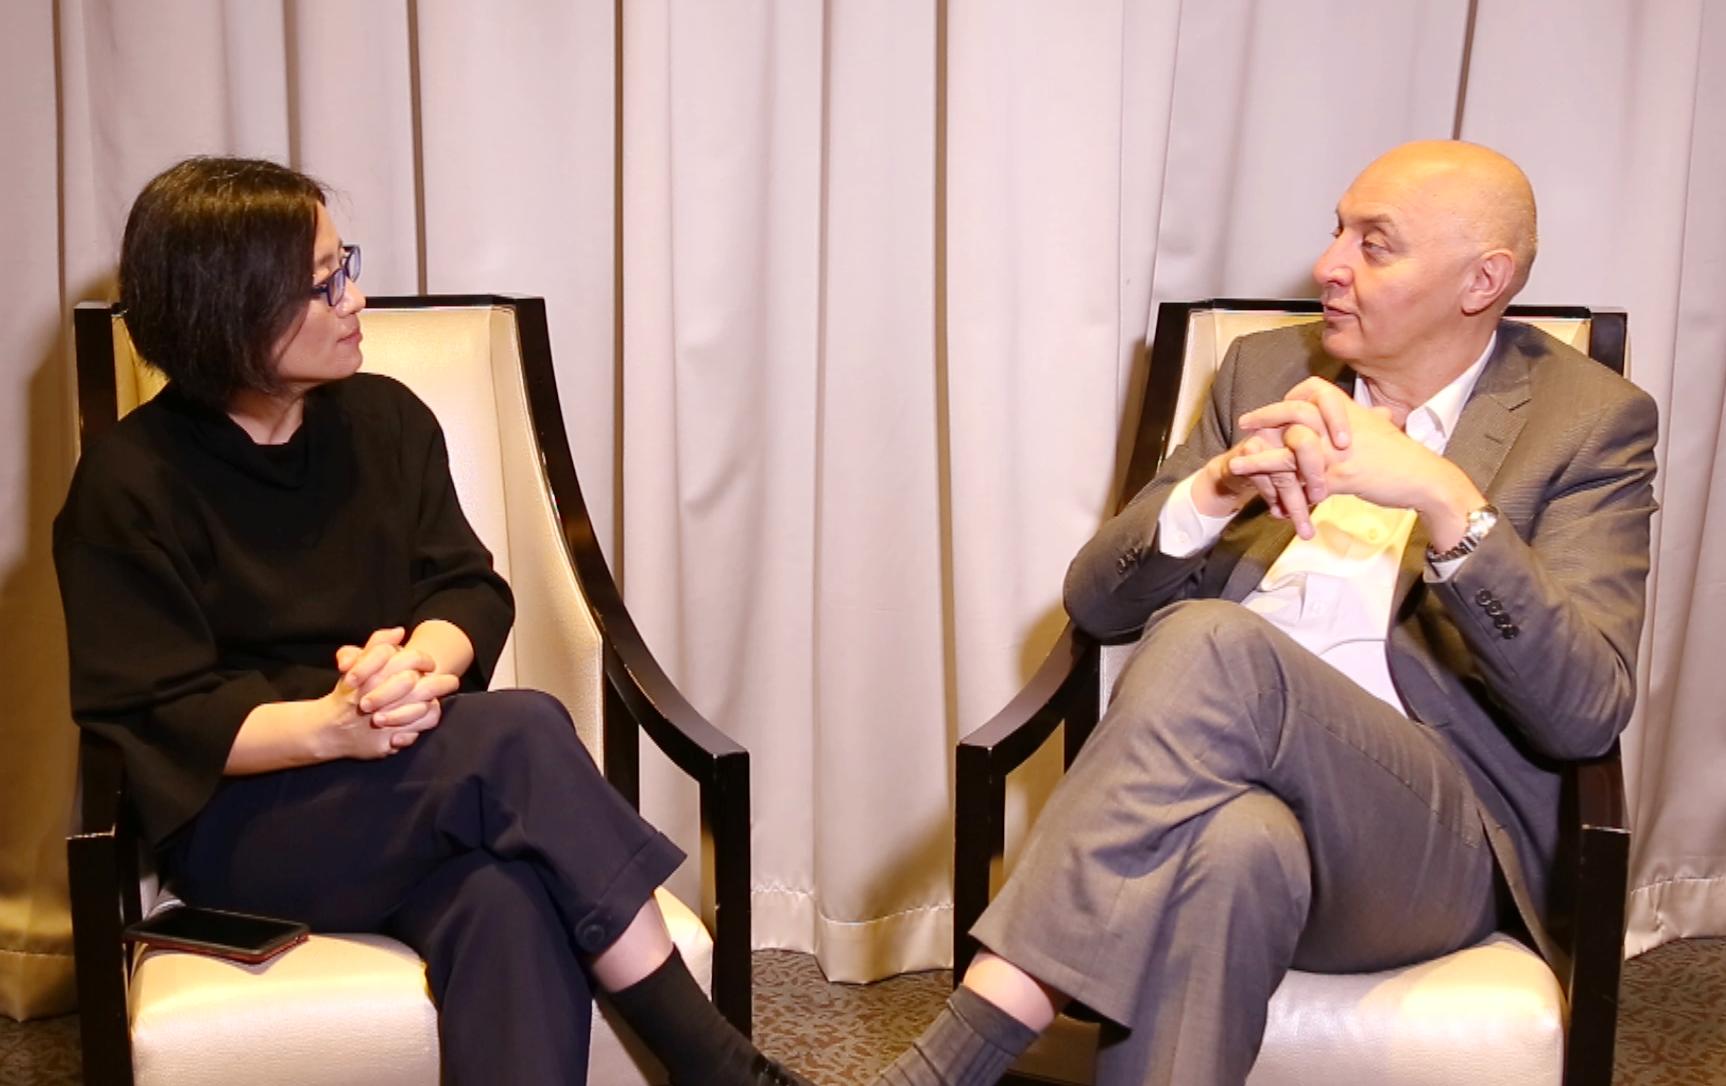 华丽志创始人余燕对话法国高定及时尚联合会执行总裁Pascal Morand